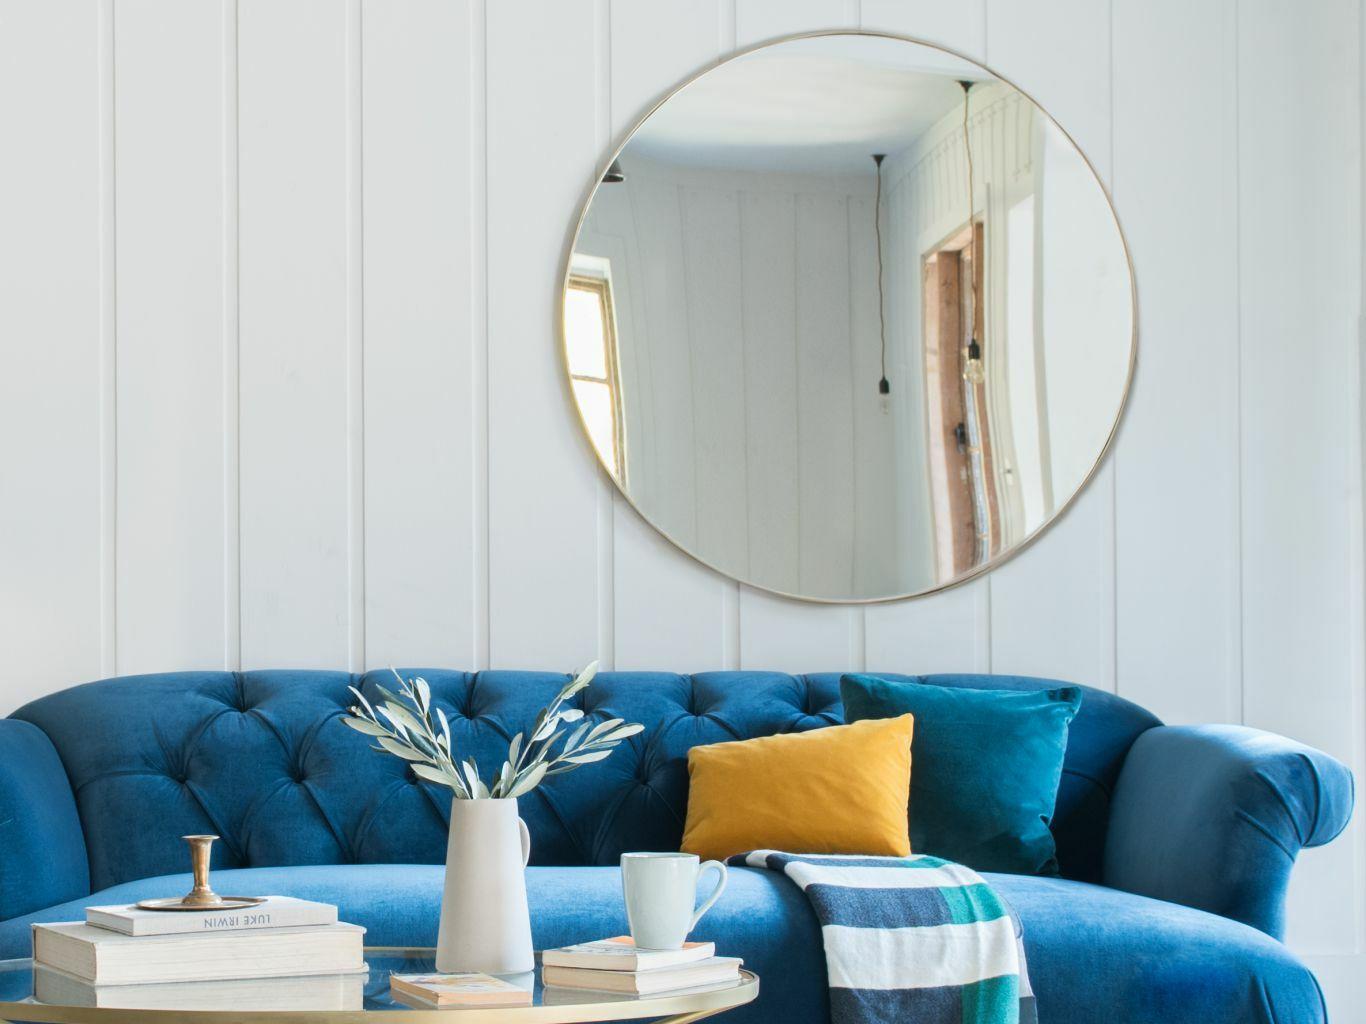 зеркало в комнате на северной стороне